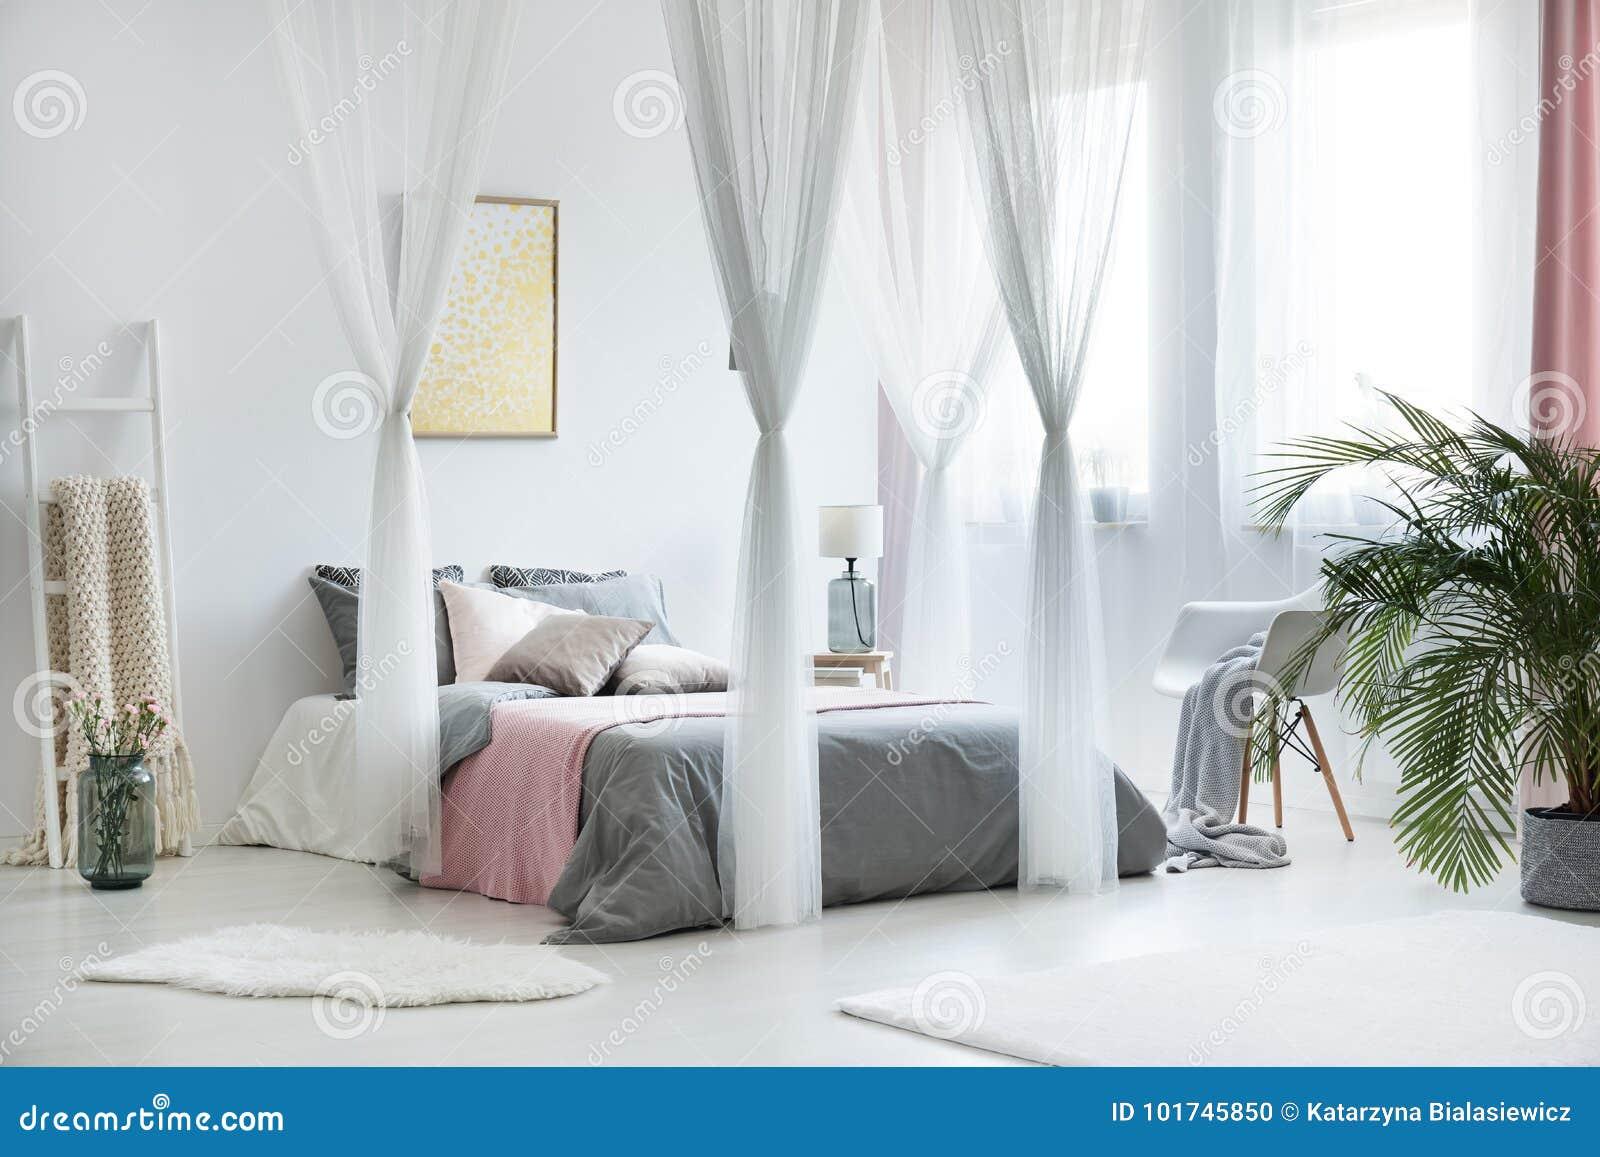 Unikalny Baldachim Sypialni Wnętrze Zdjęcie Stock Obraz